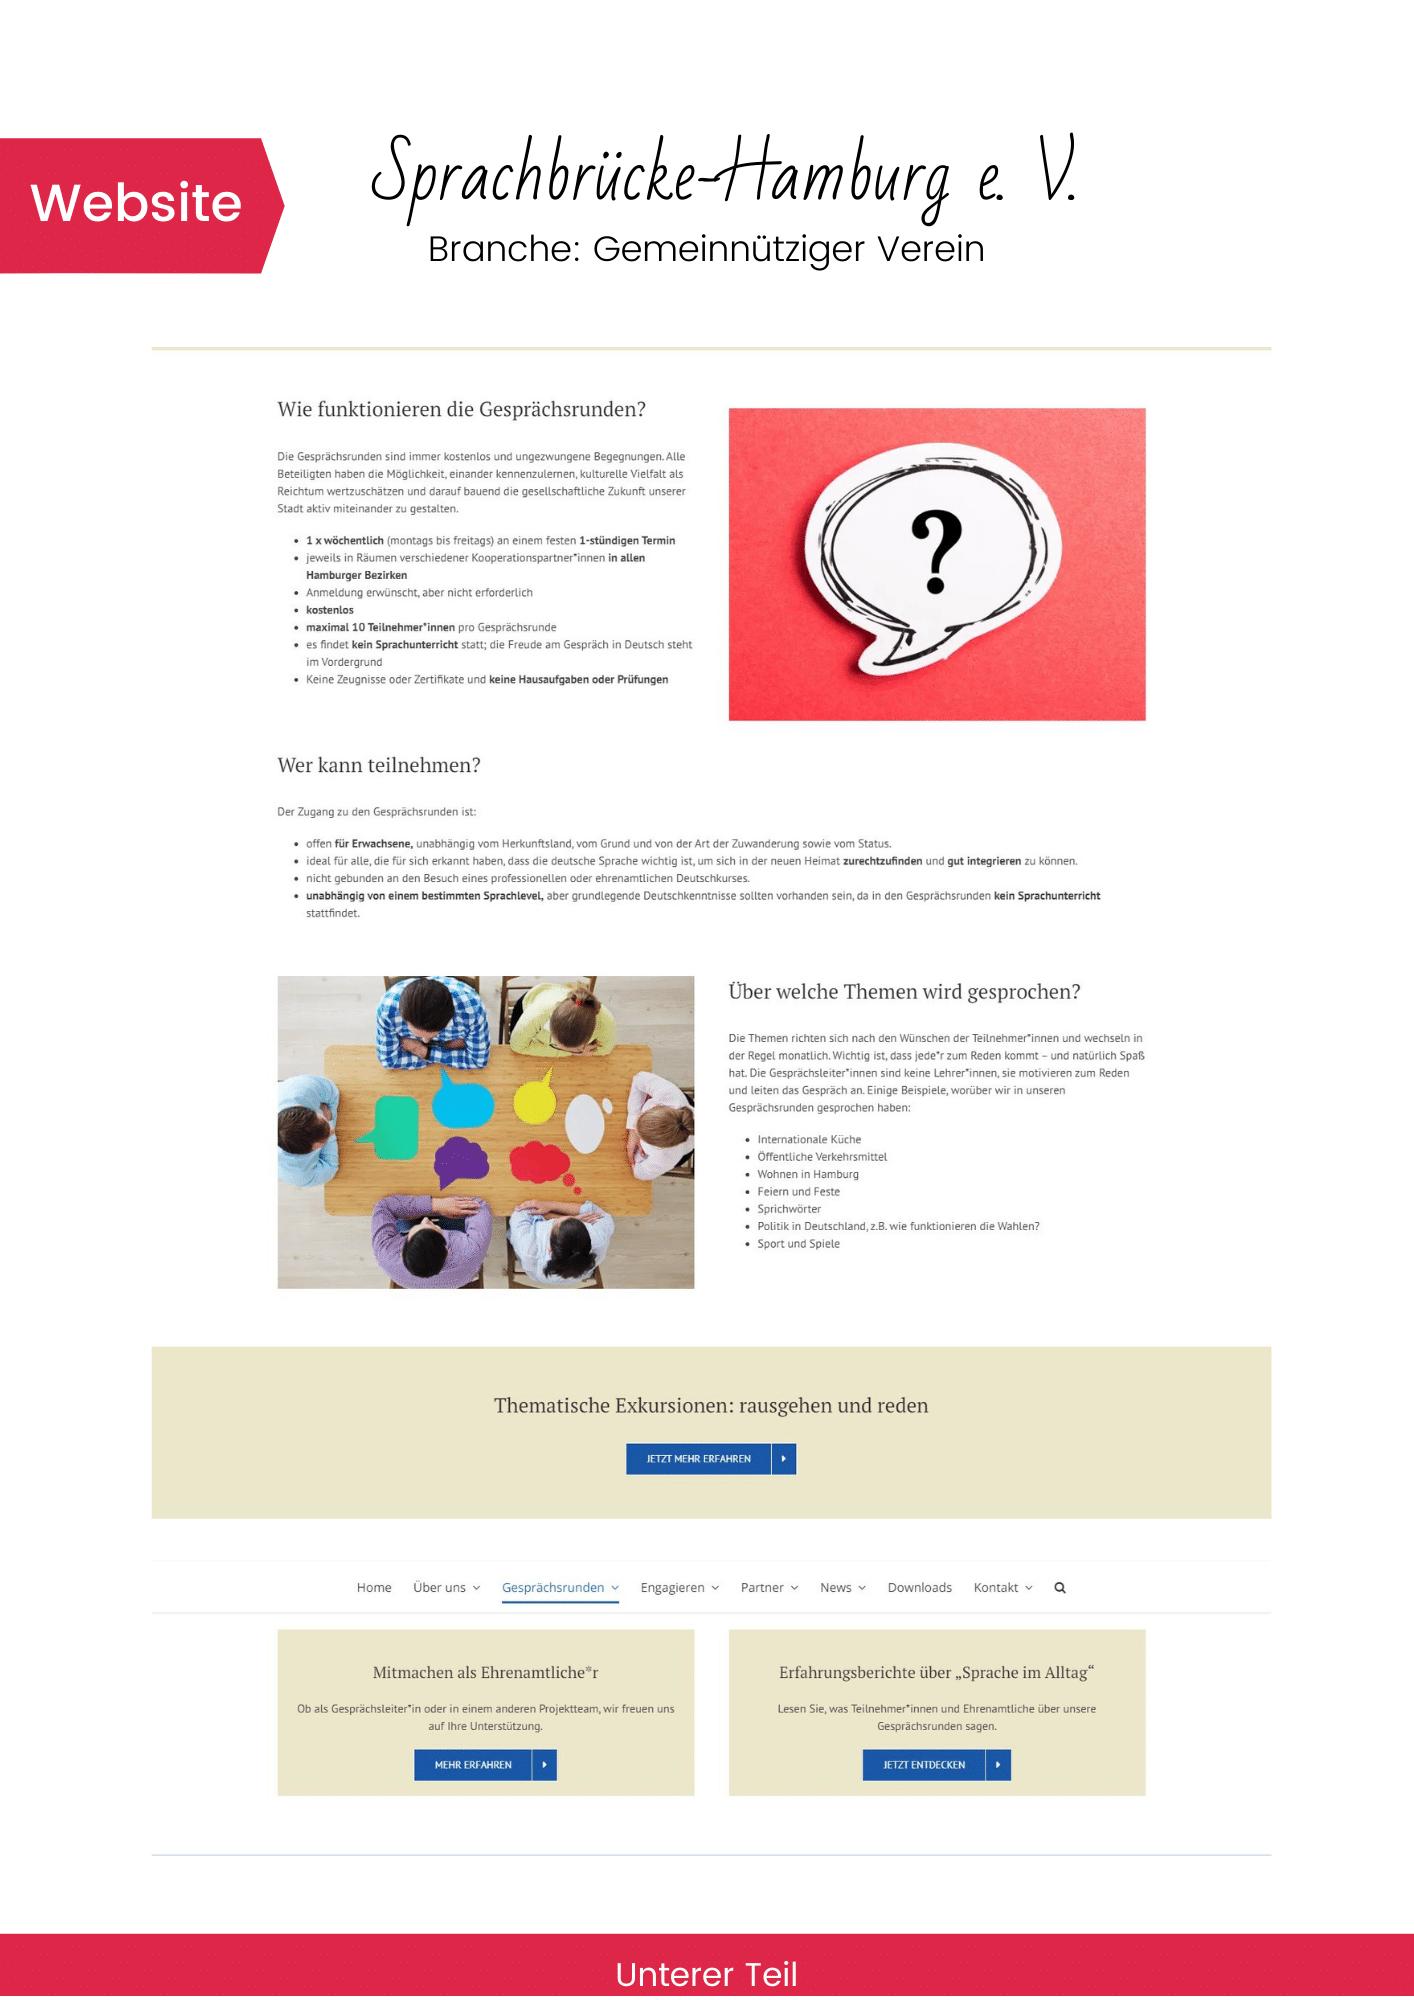 Beispiel von der Website Sprachbrücke-Hamburg e. V.